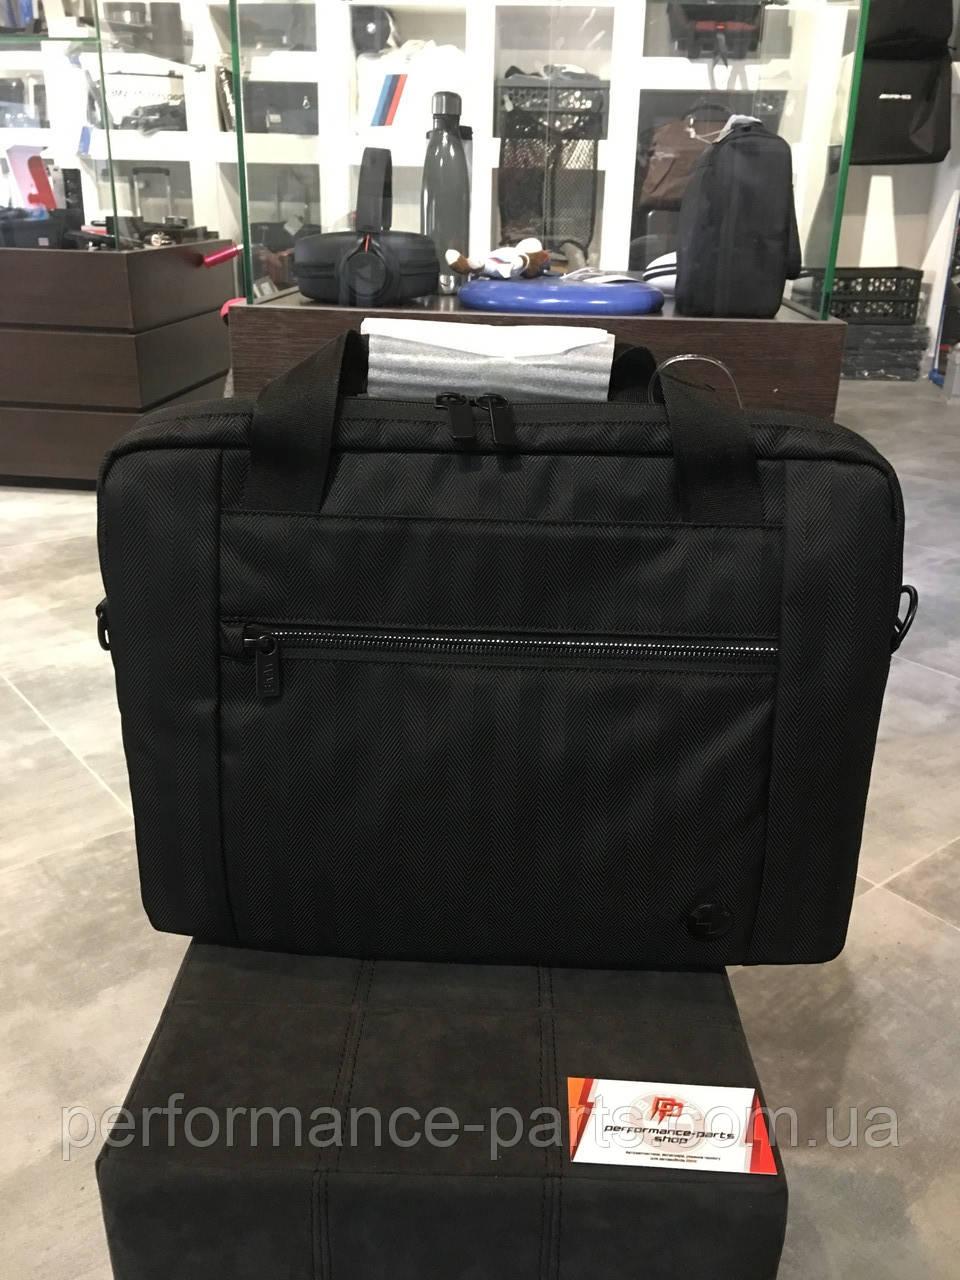 Сумка для документов и ноутбука BMW Briefcase 2018, 80222454676. Оригинал.